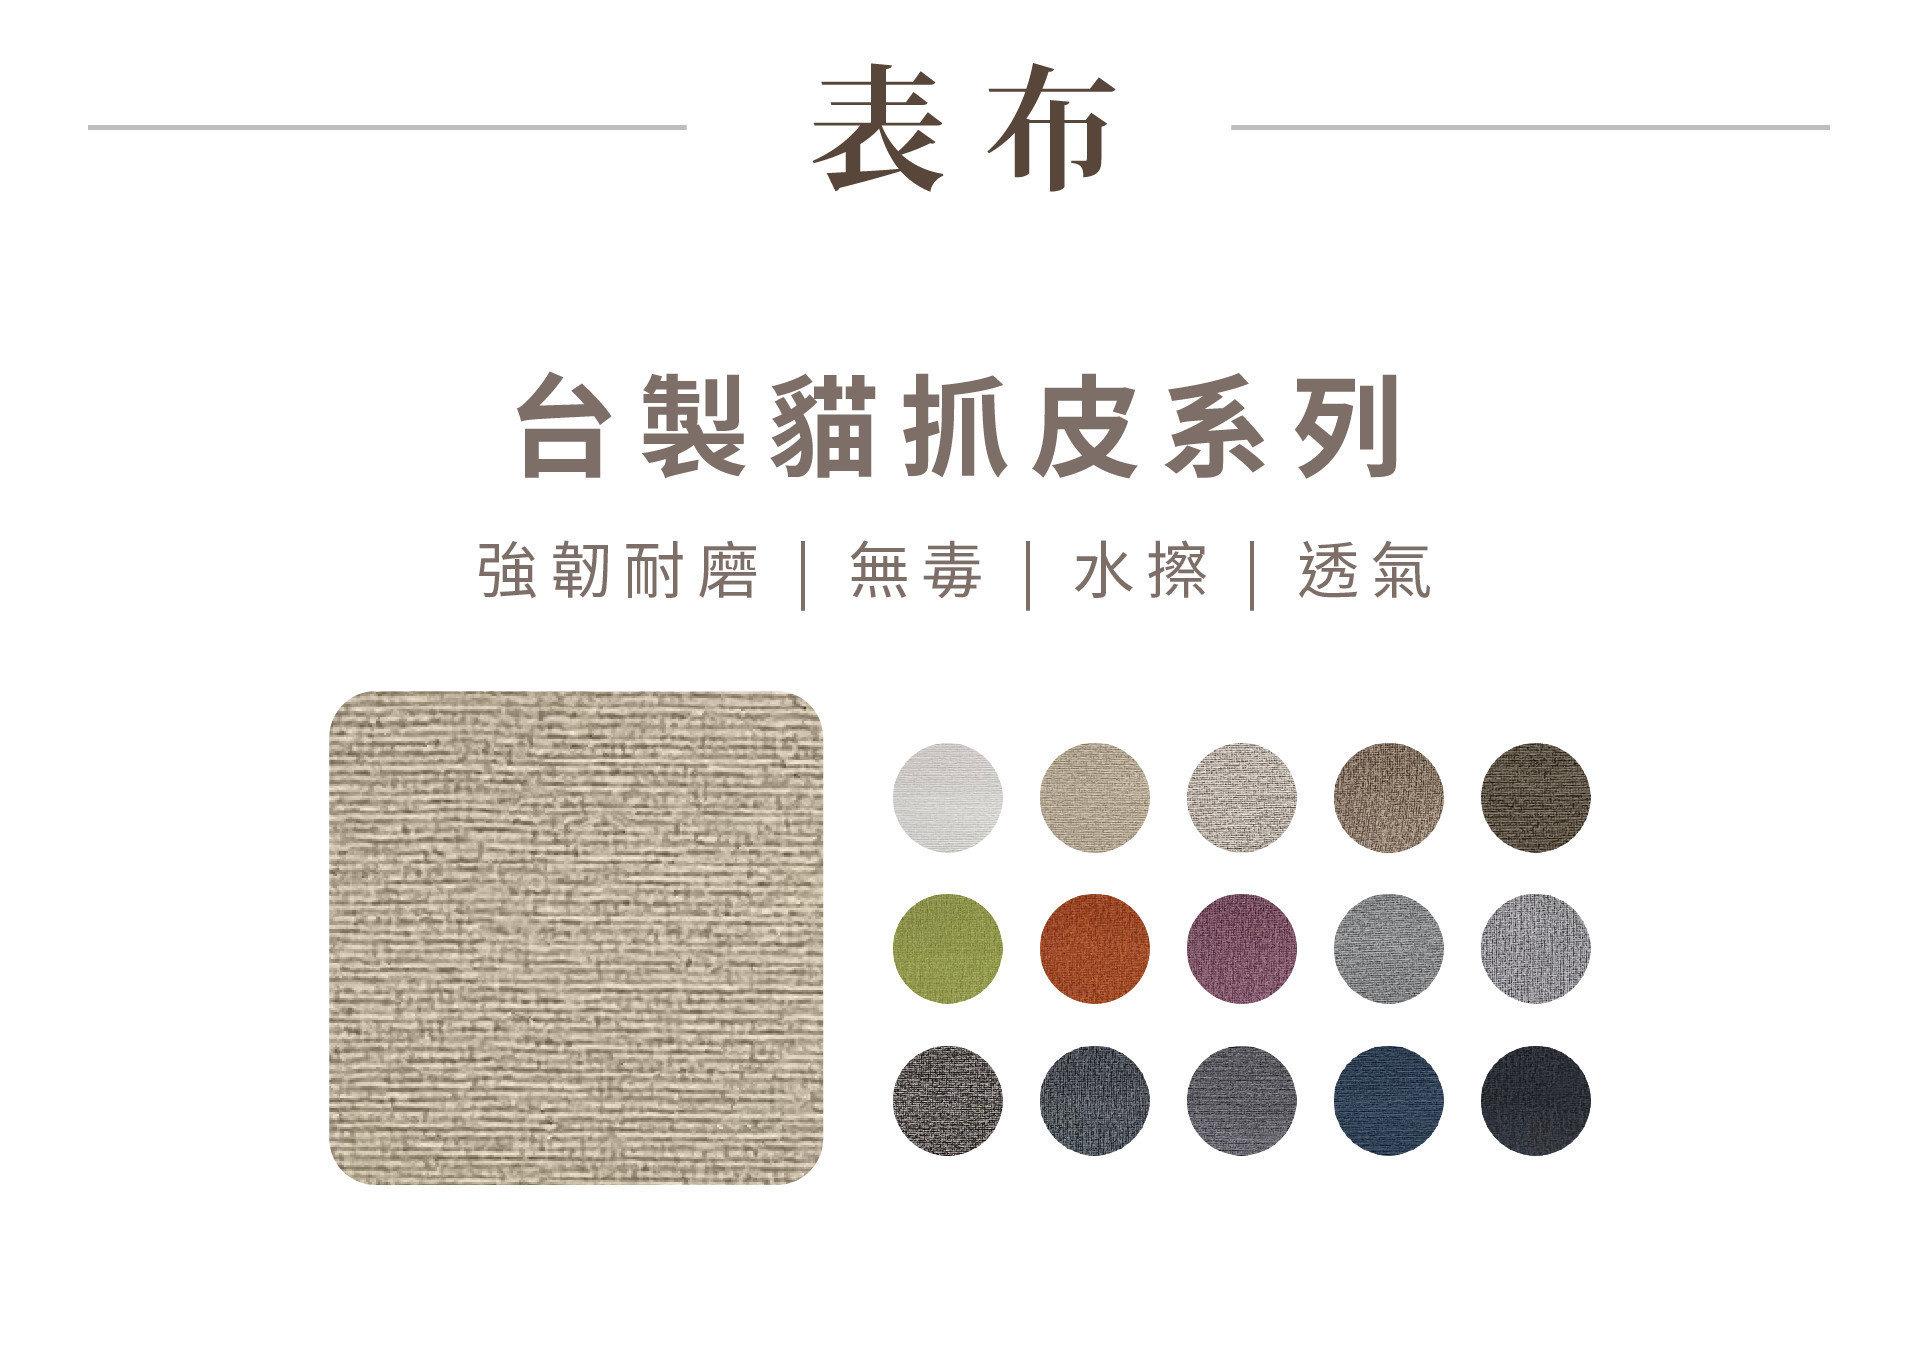 凱爾沙發採貓抓皮表布,是好整理、好清潔、好保養的皮料